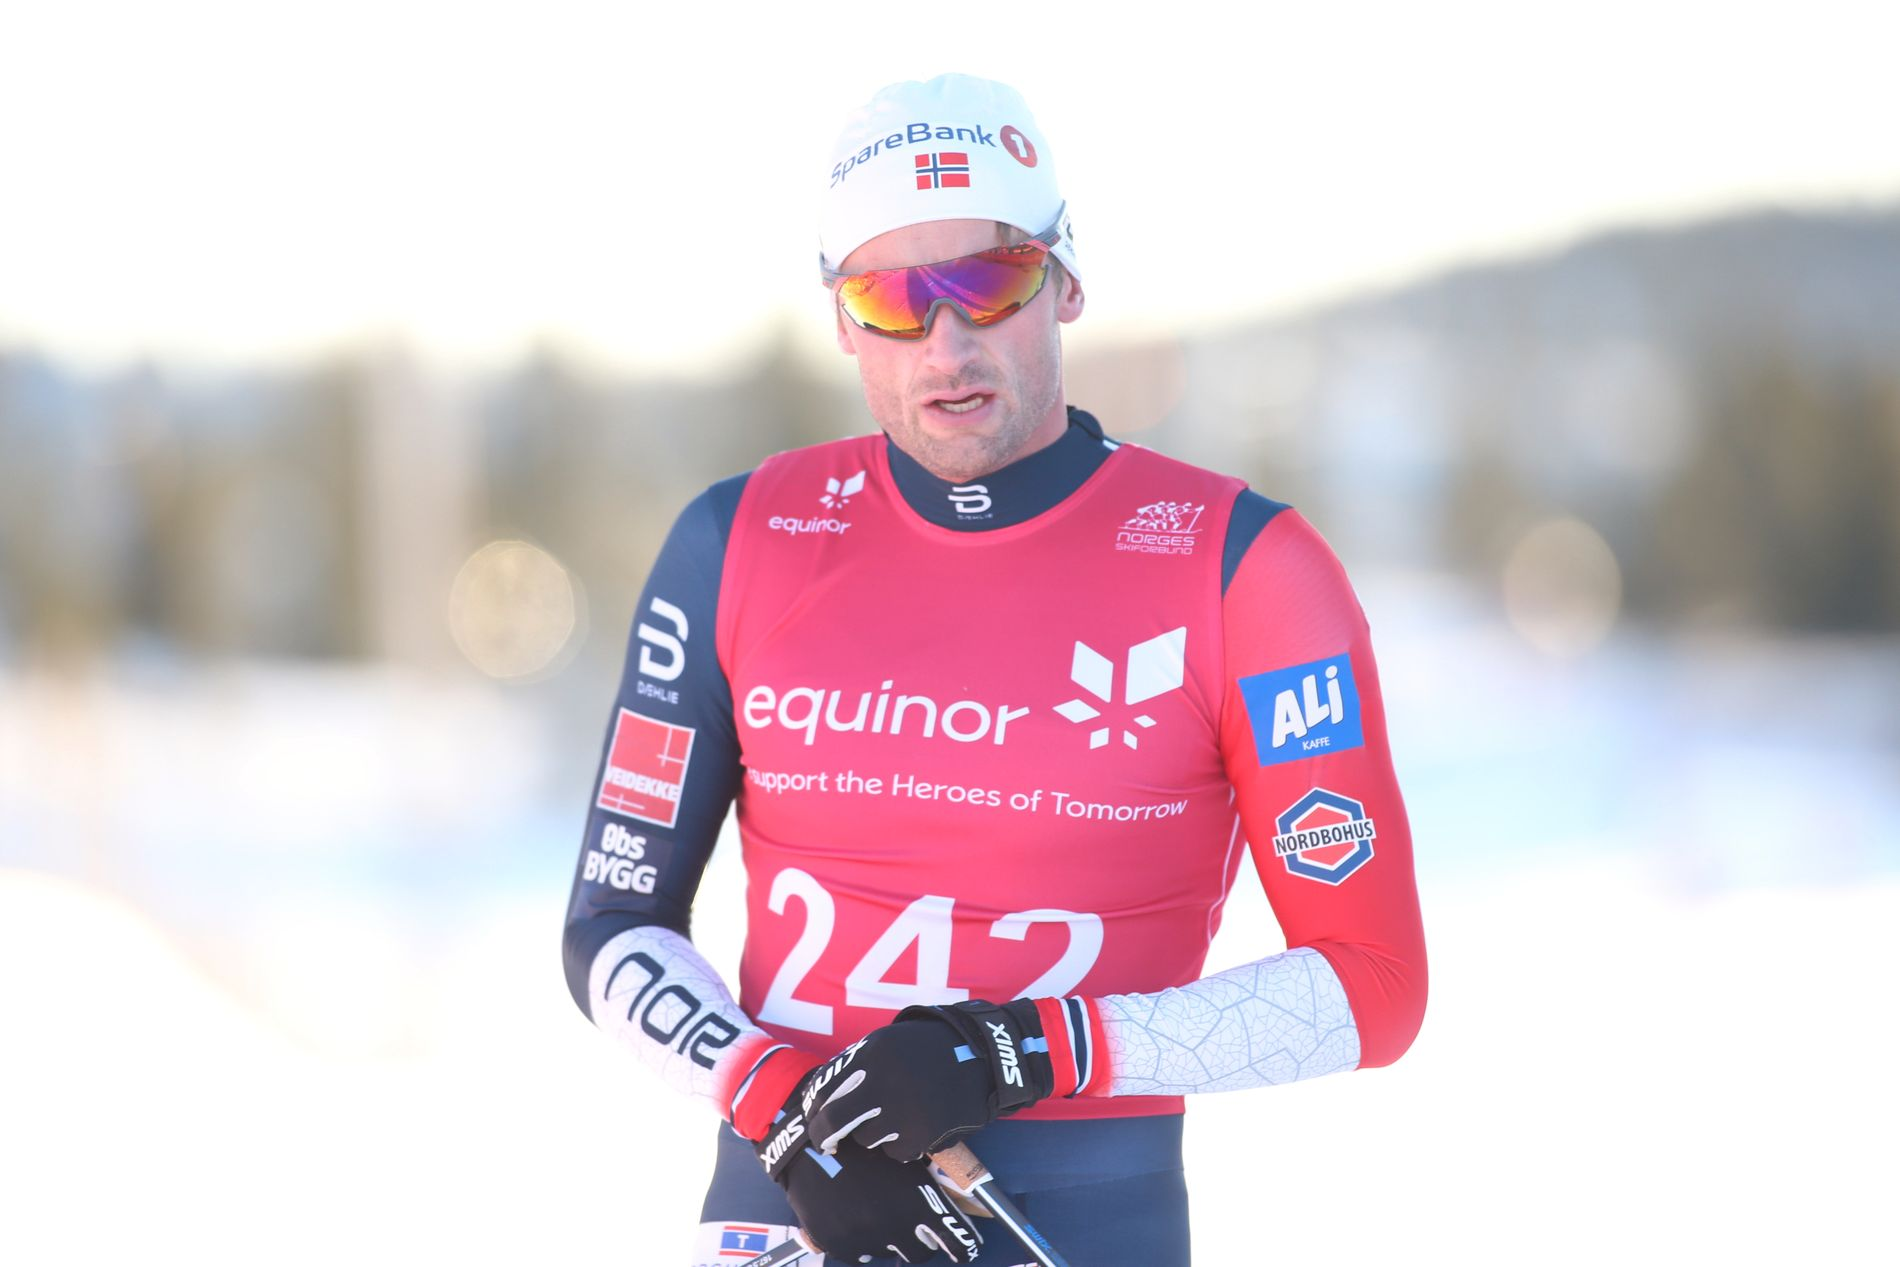 HARDØKT: Petter Northug fikk det tungt underveis på 15-kilometeren på Gålå, etter en frisk start på rennet.